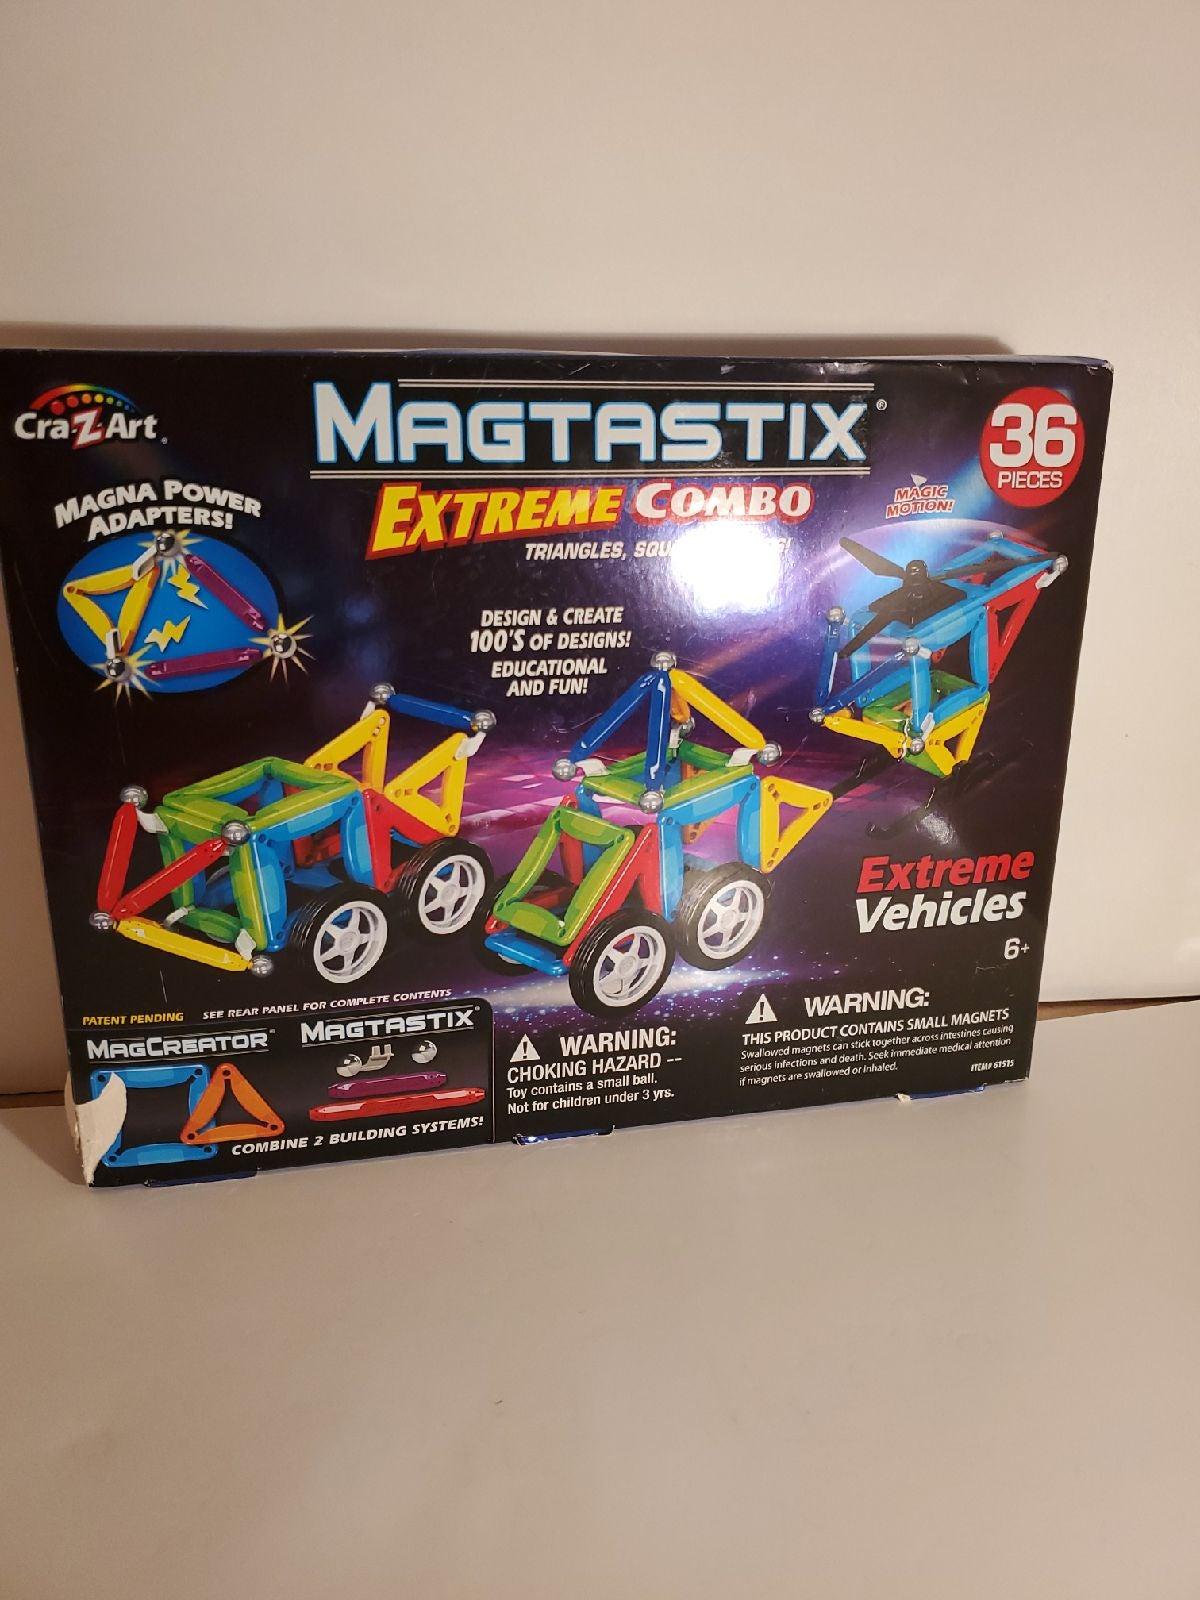 Megastar extreme combo